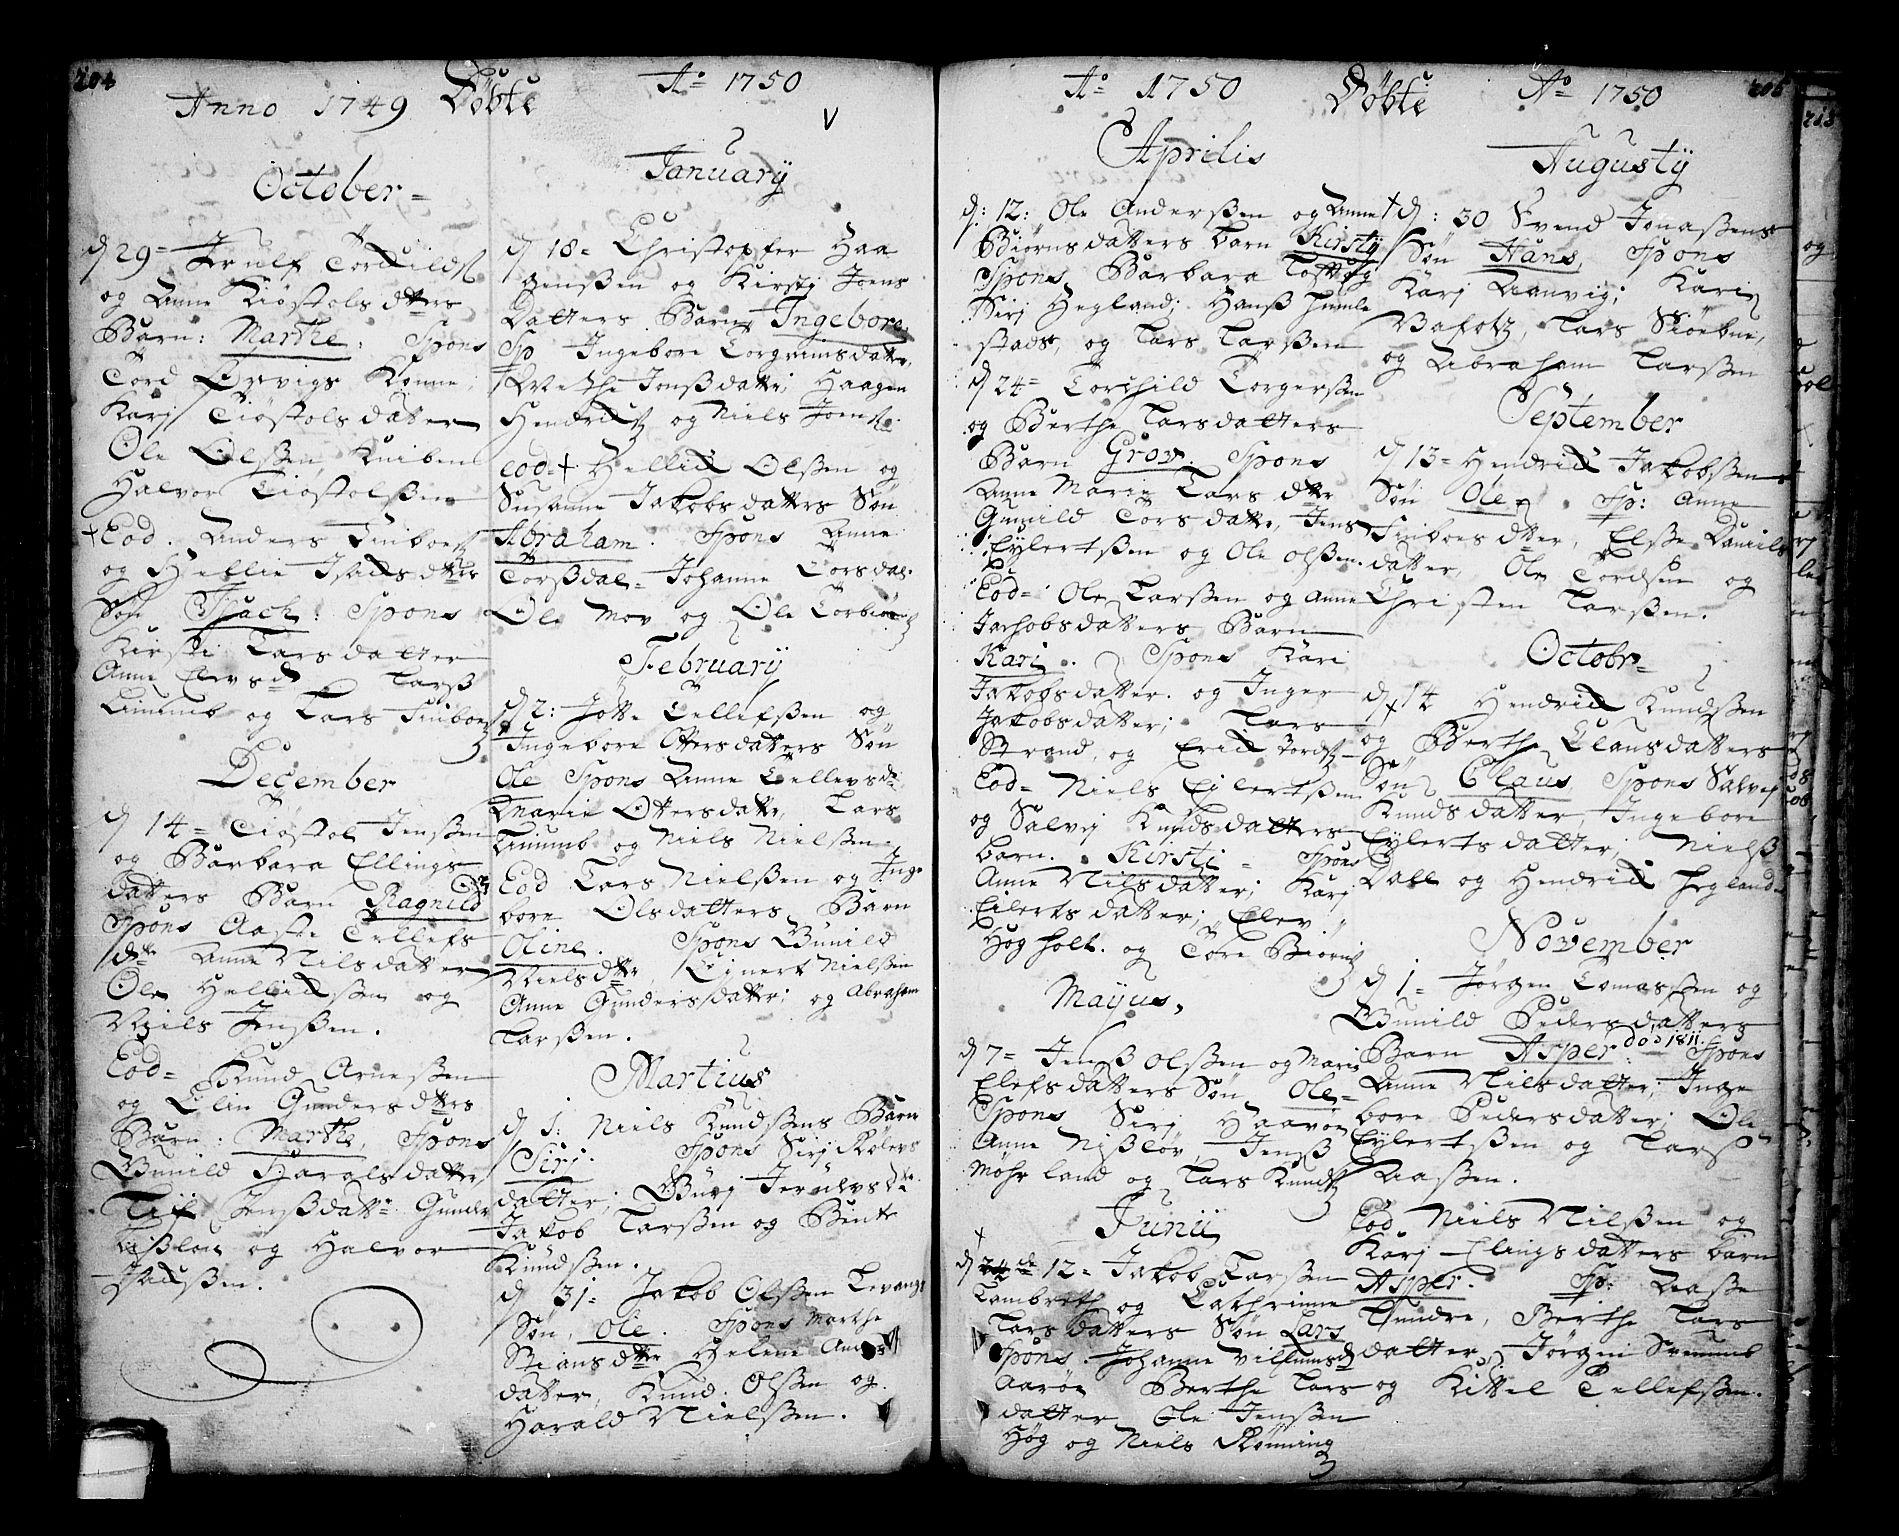 SAKO, Sannidal kirkebøker, F/Fa/L0001: Ministerialbok nr. 1, 1702-1766, s. 204-205